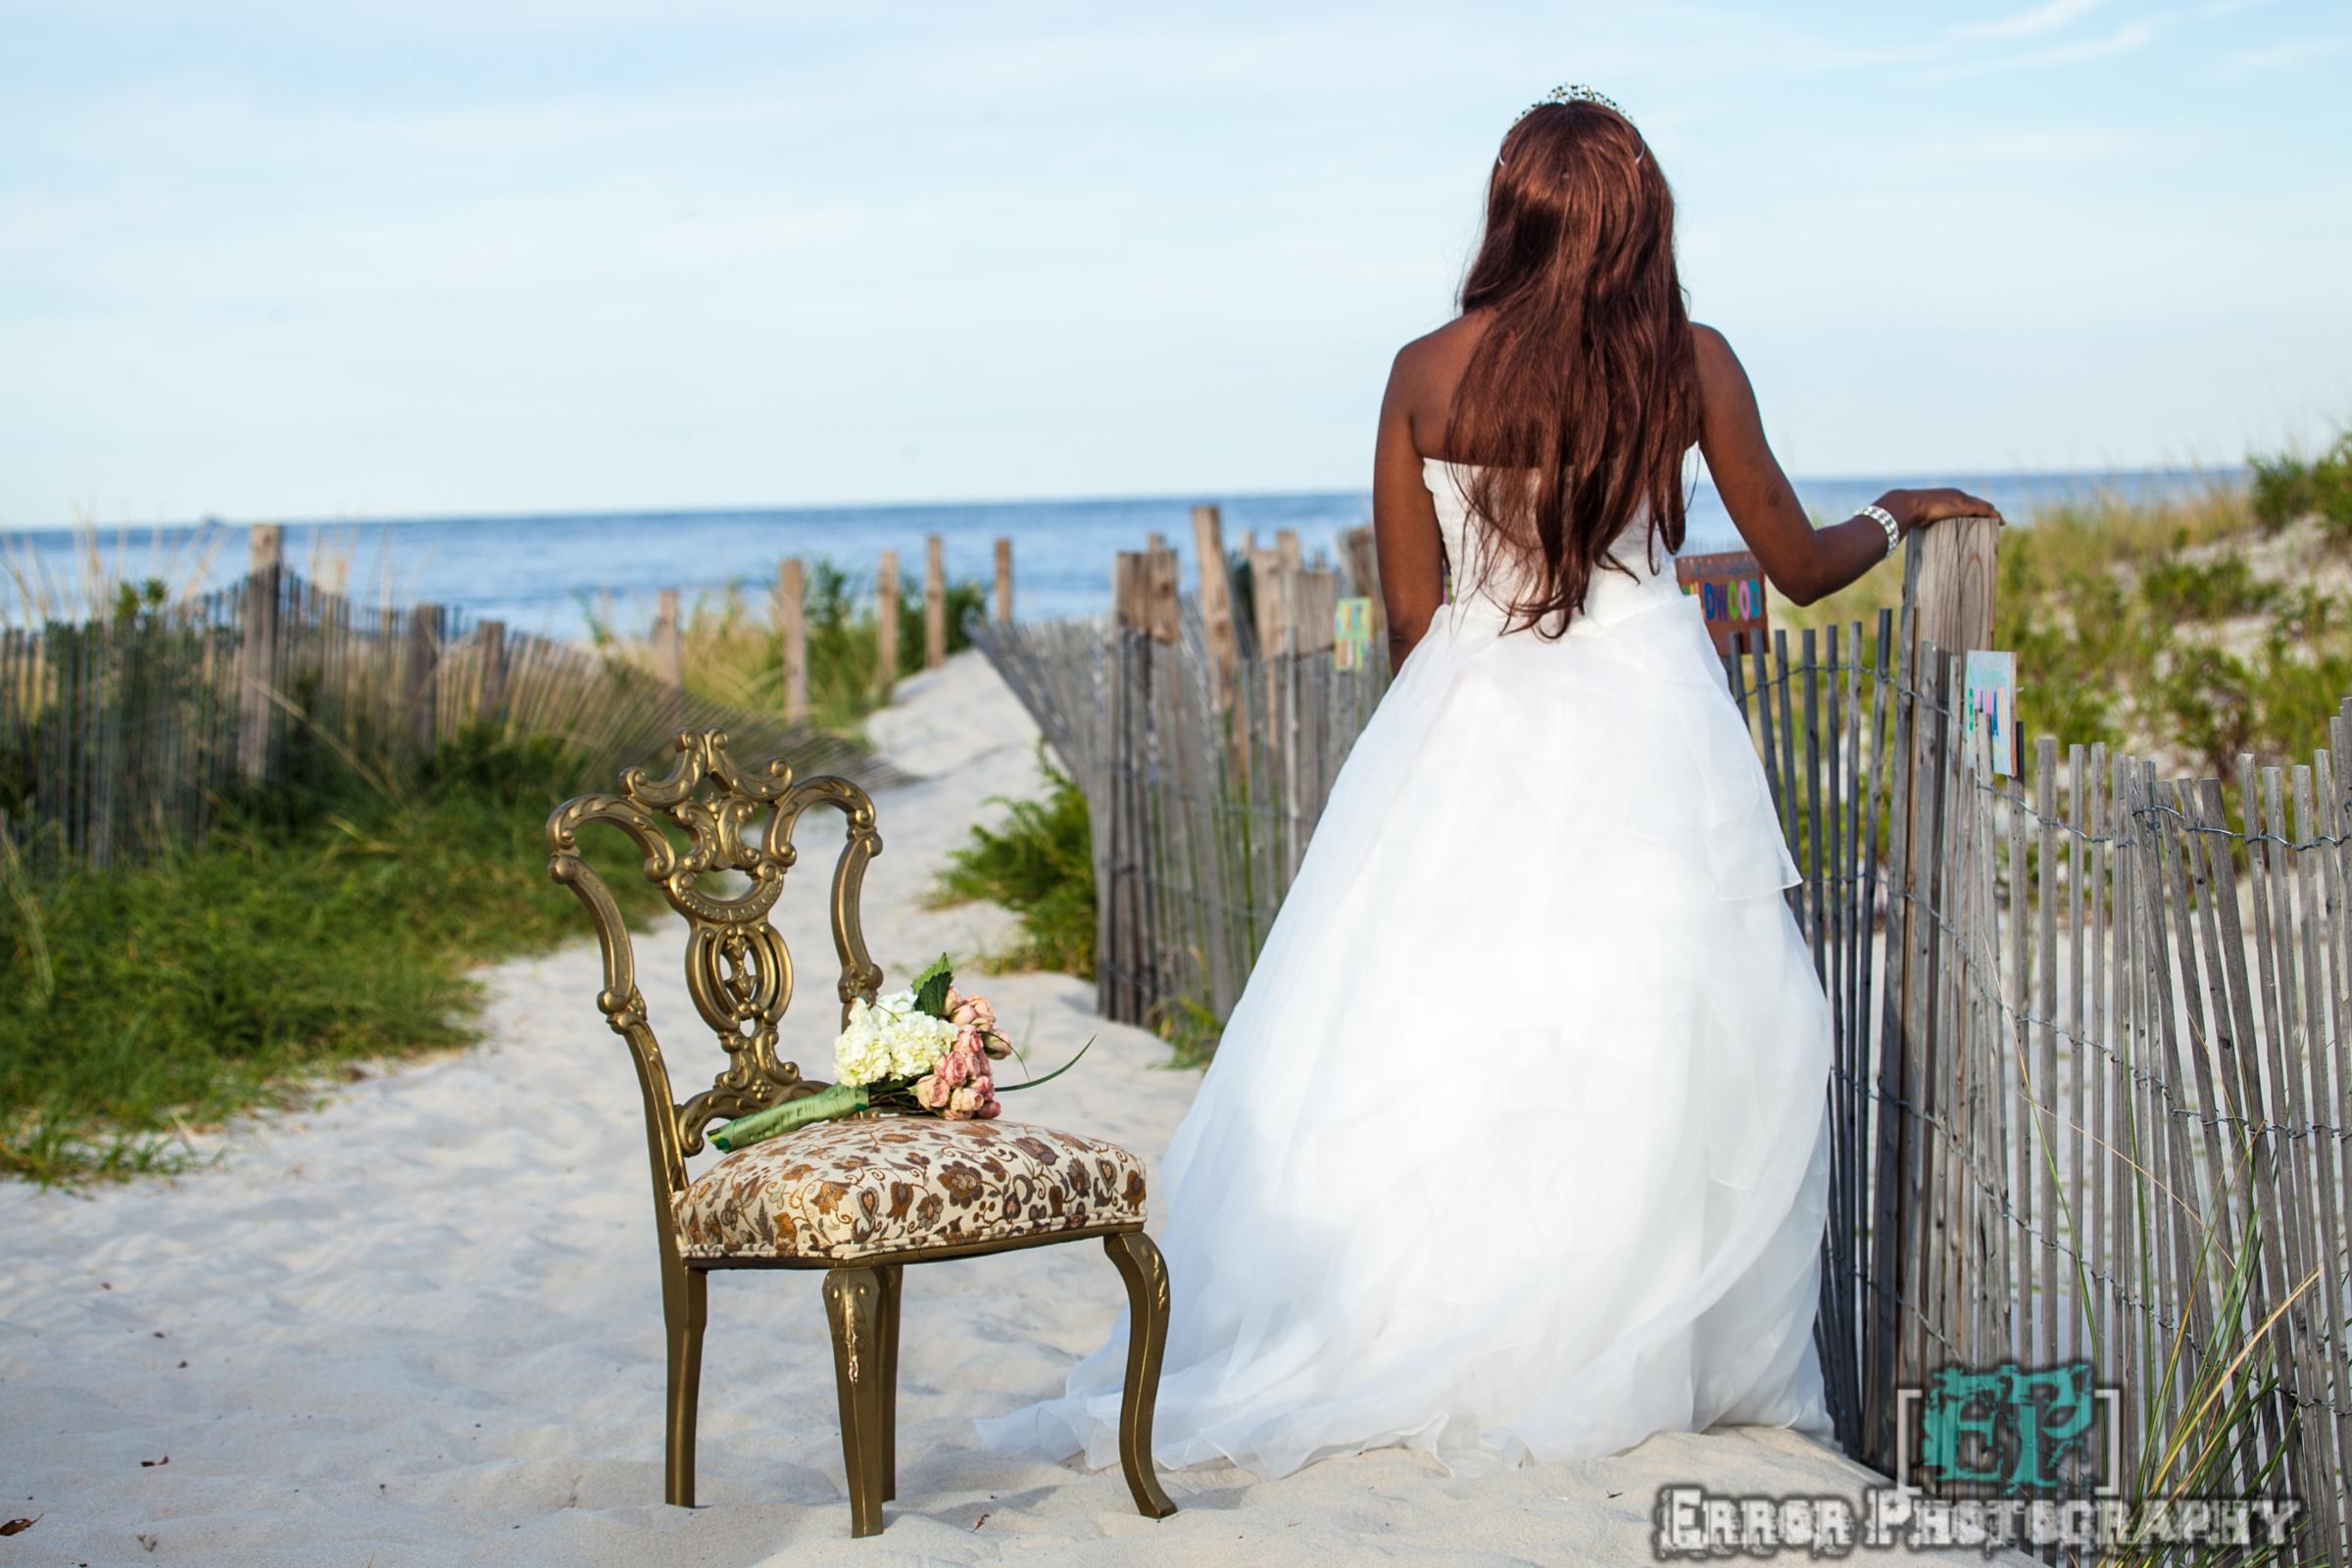 Wedding promo photos-4.jpg